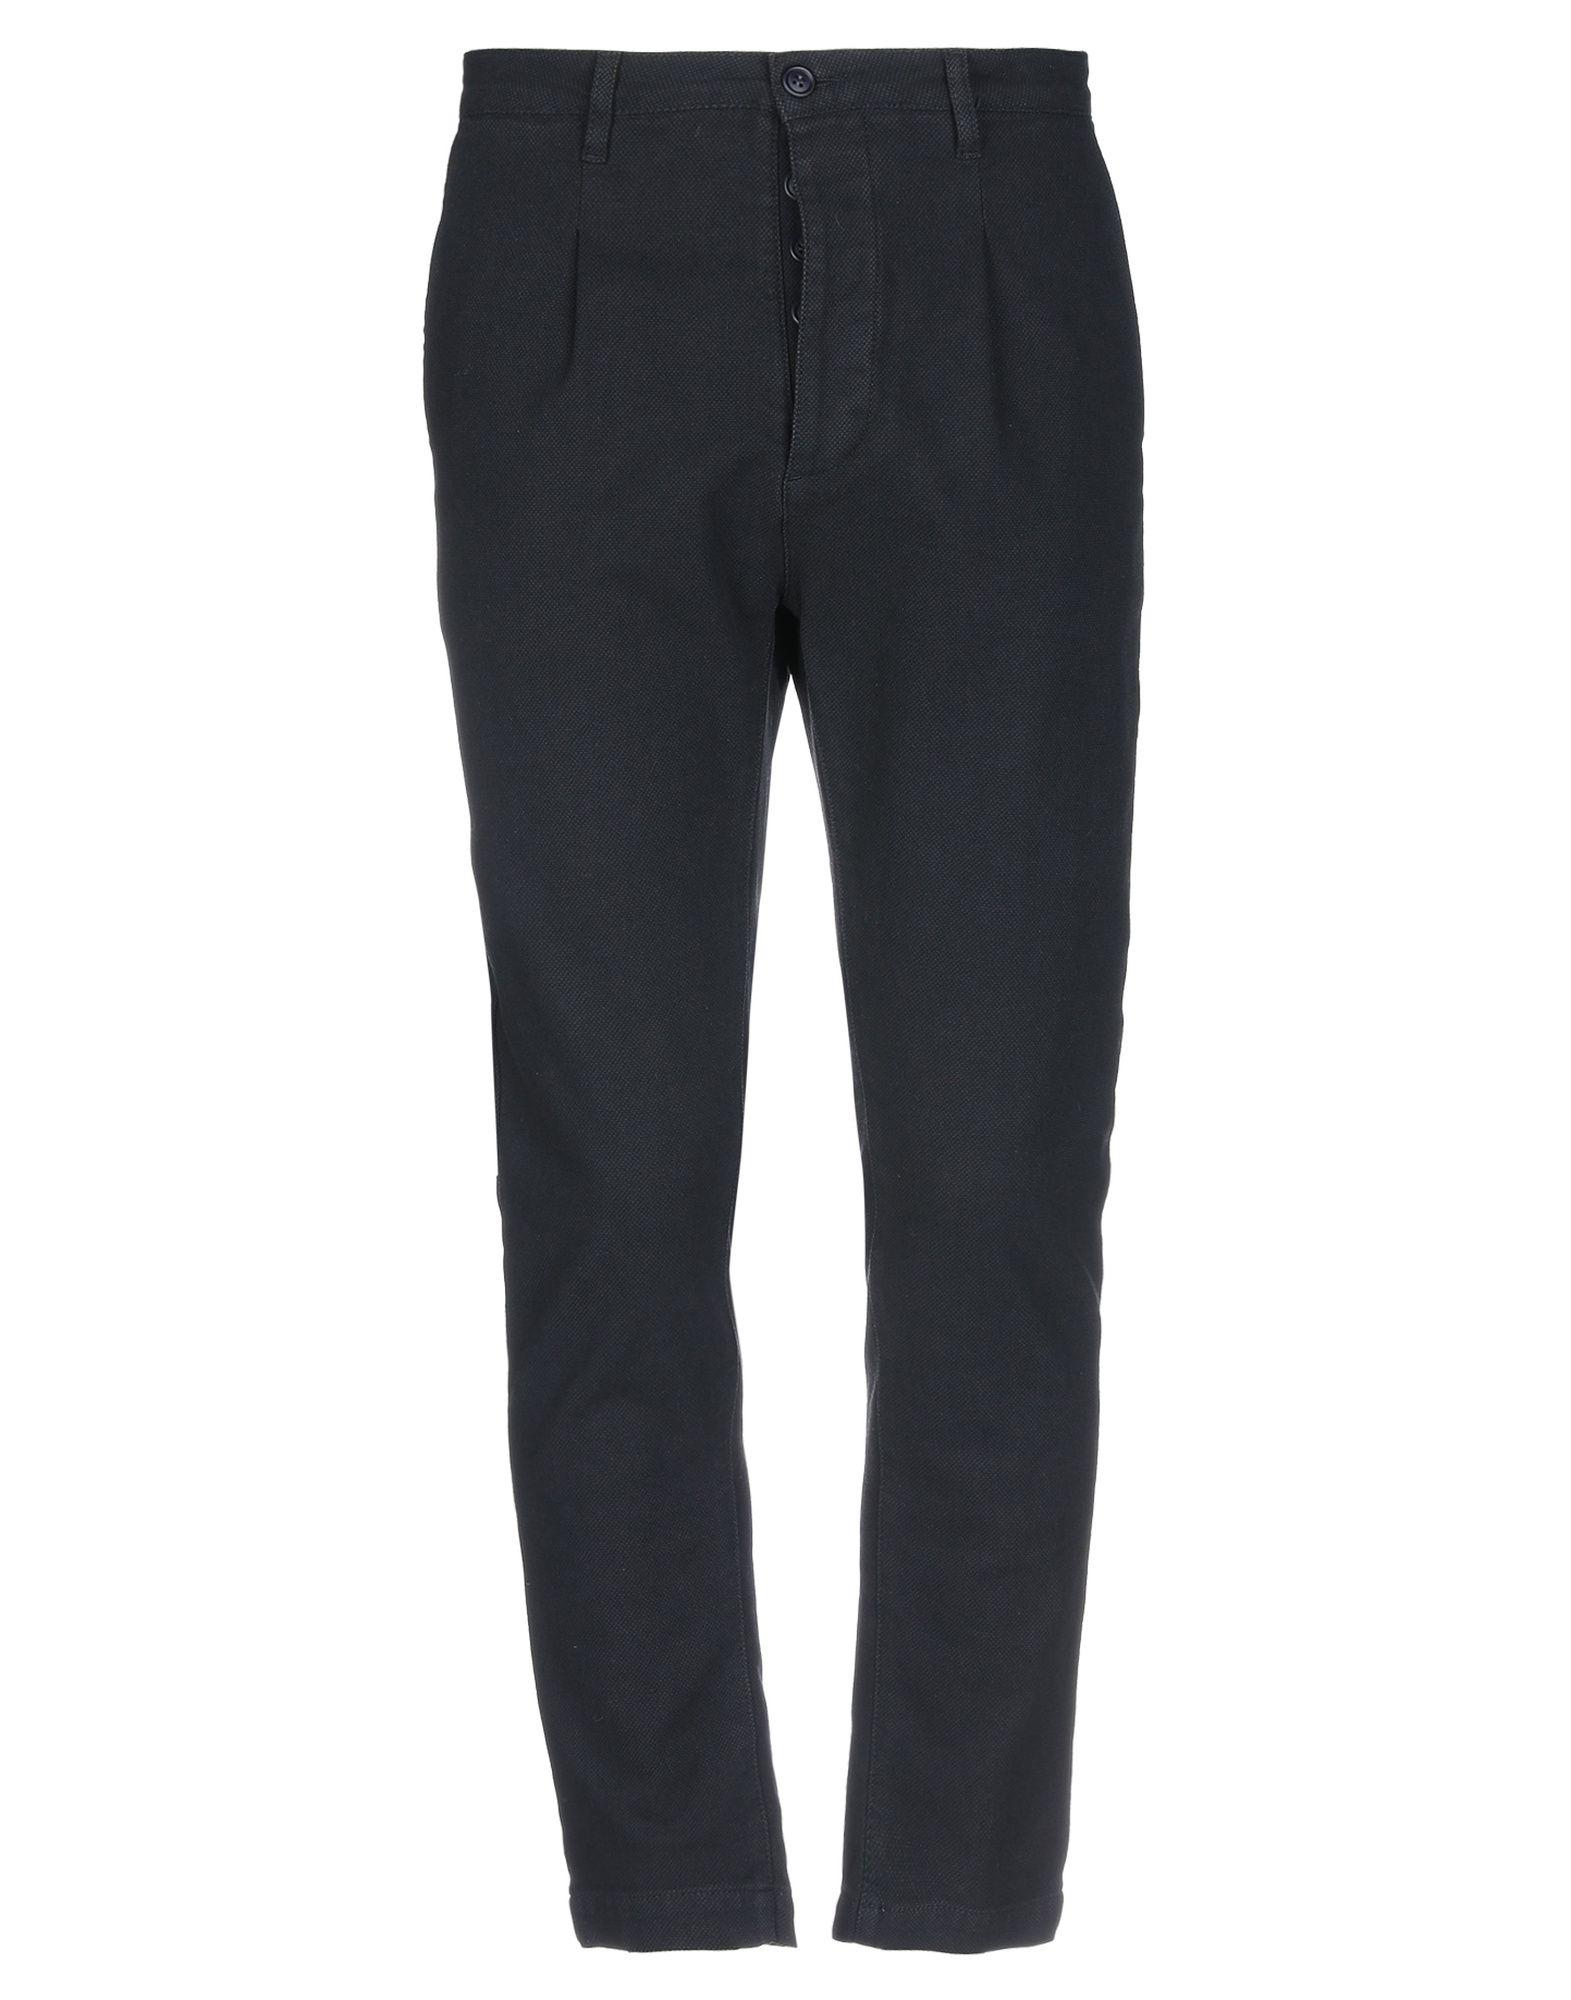 Pantalone Cruna herren - 13320379UM